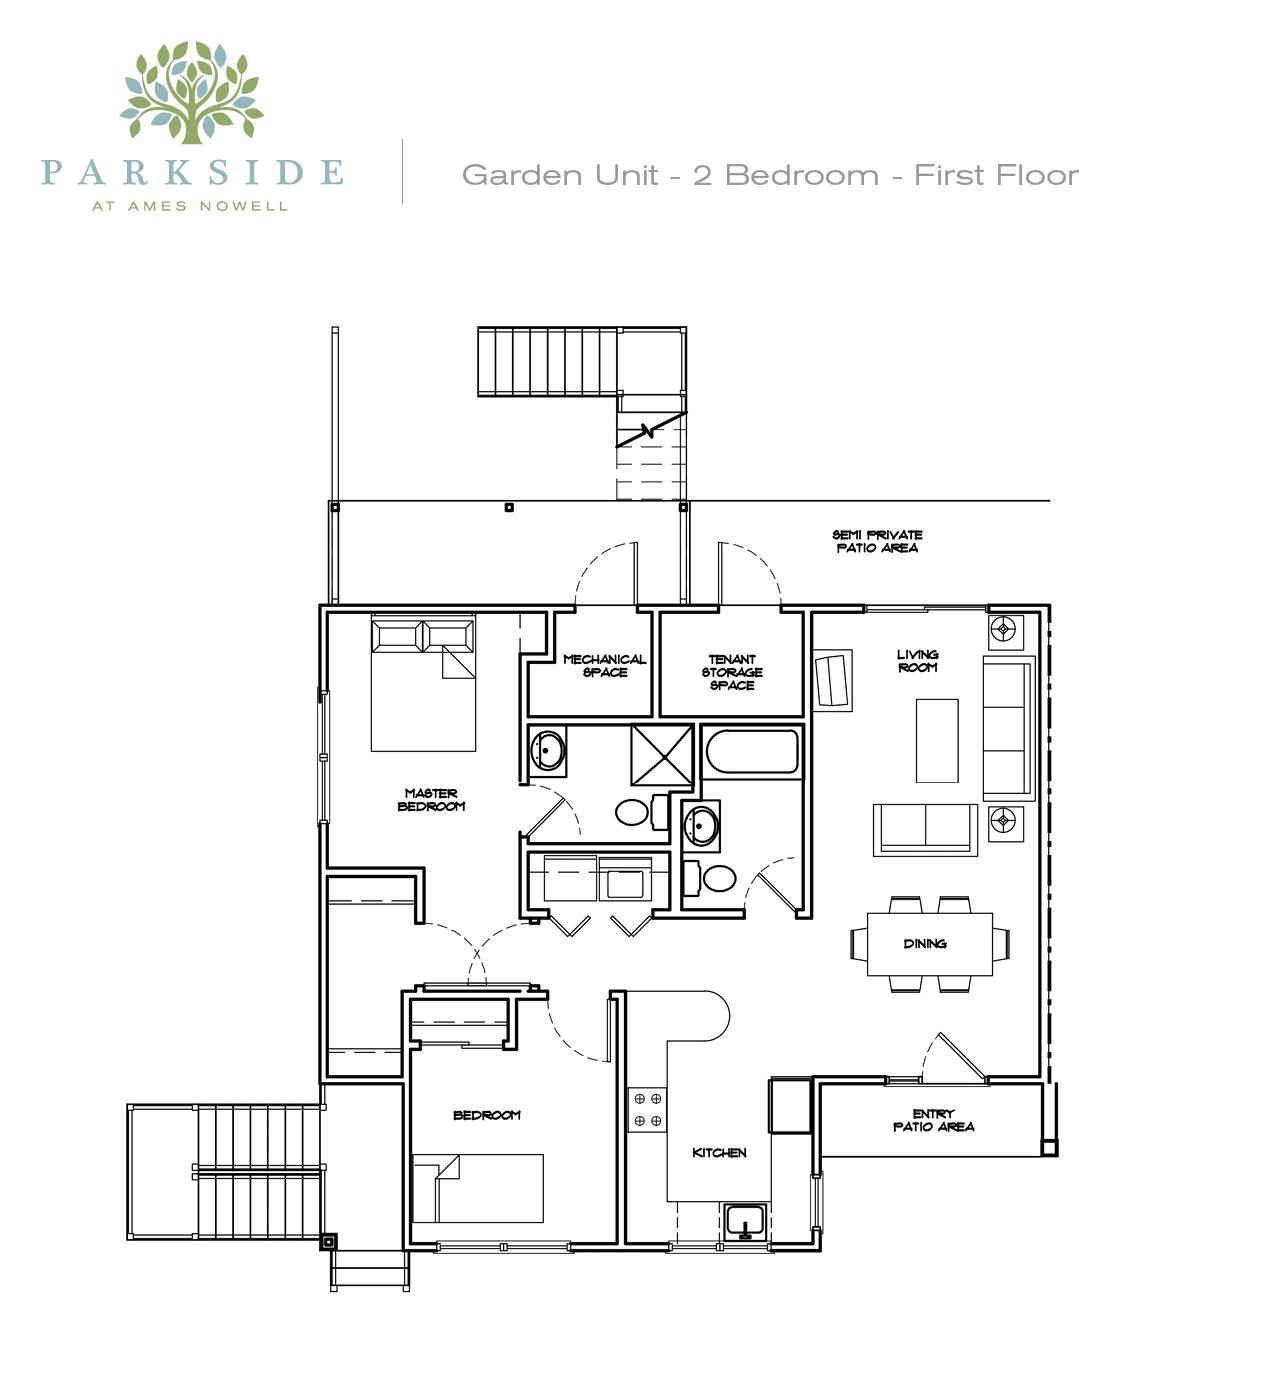 Parkside 1 Garden 2 Bedroom Hajjar Management Schematic